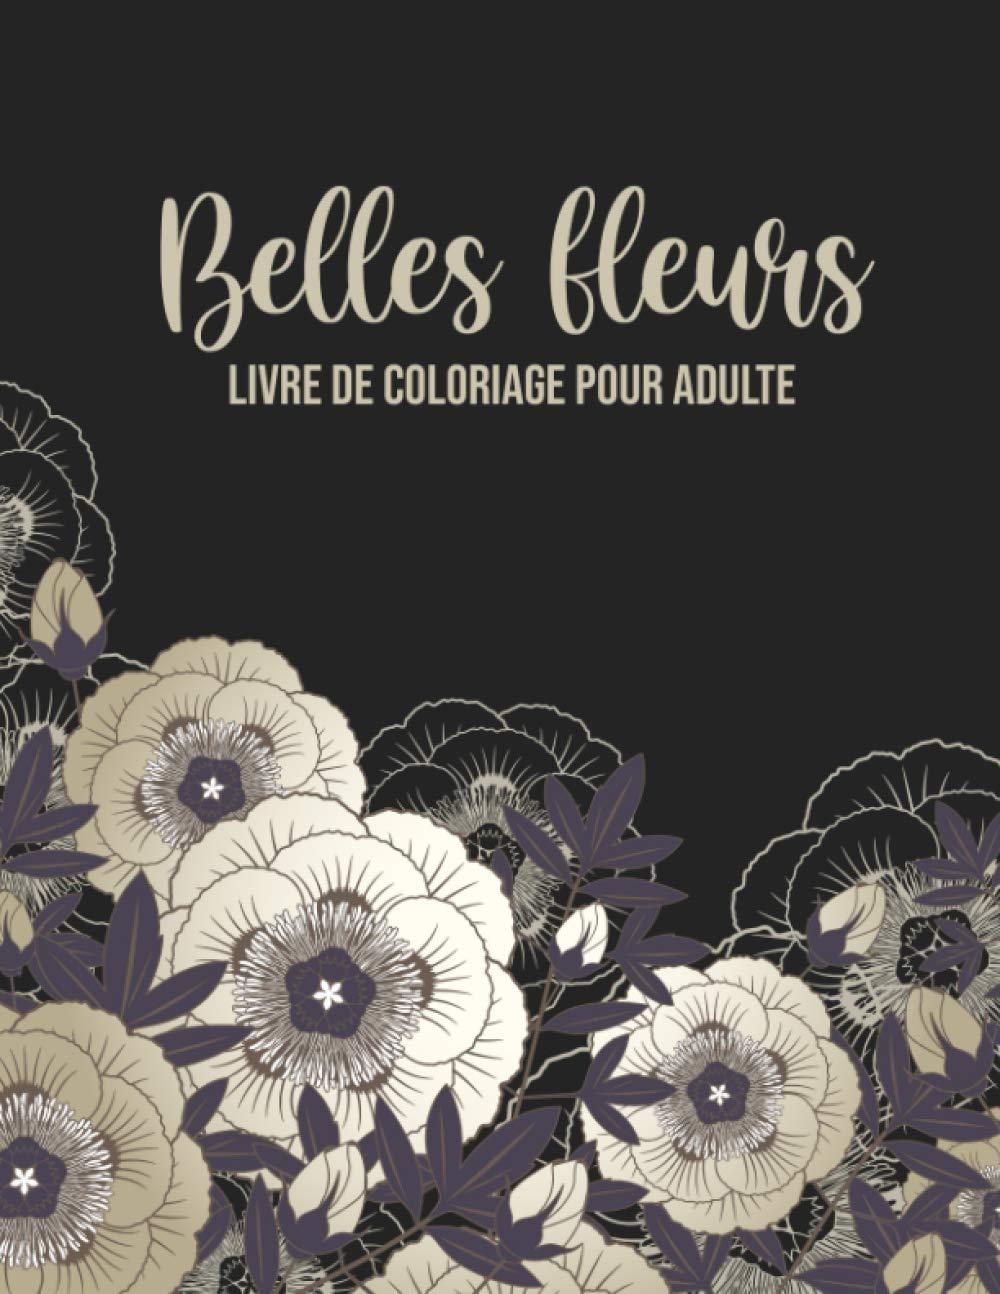 Amazon Com Belles Fleurs Livre De Coloriage Pour Adulte Un Livre De Coloriage Pour Adultes Avec Des Bouquets Des Fleurs Des Couronnes Des Tourbillons Des Et Bien Plus Encore French Edition